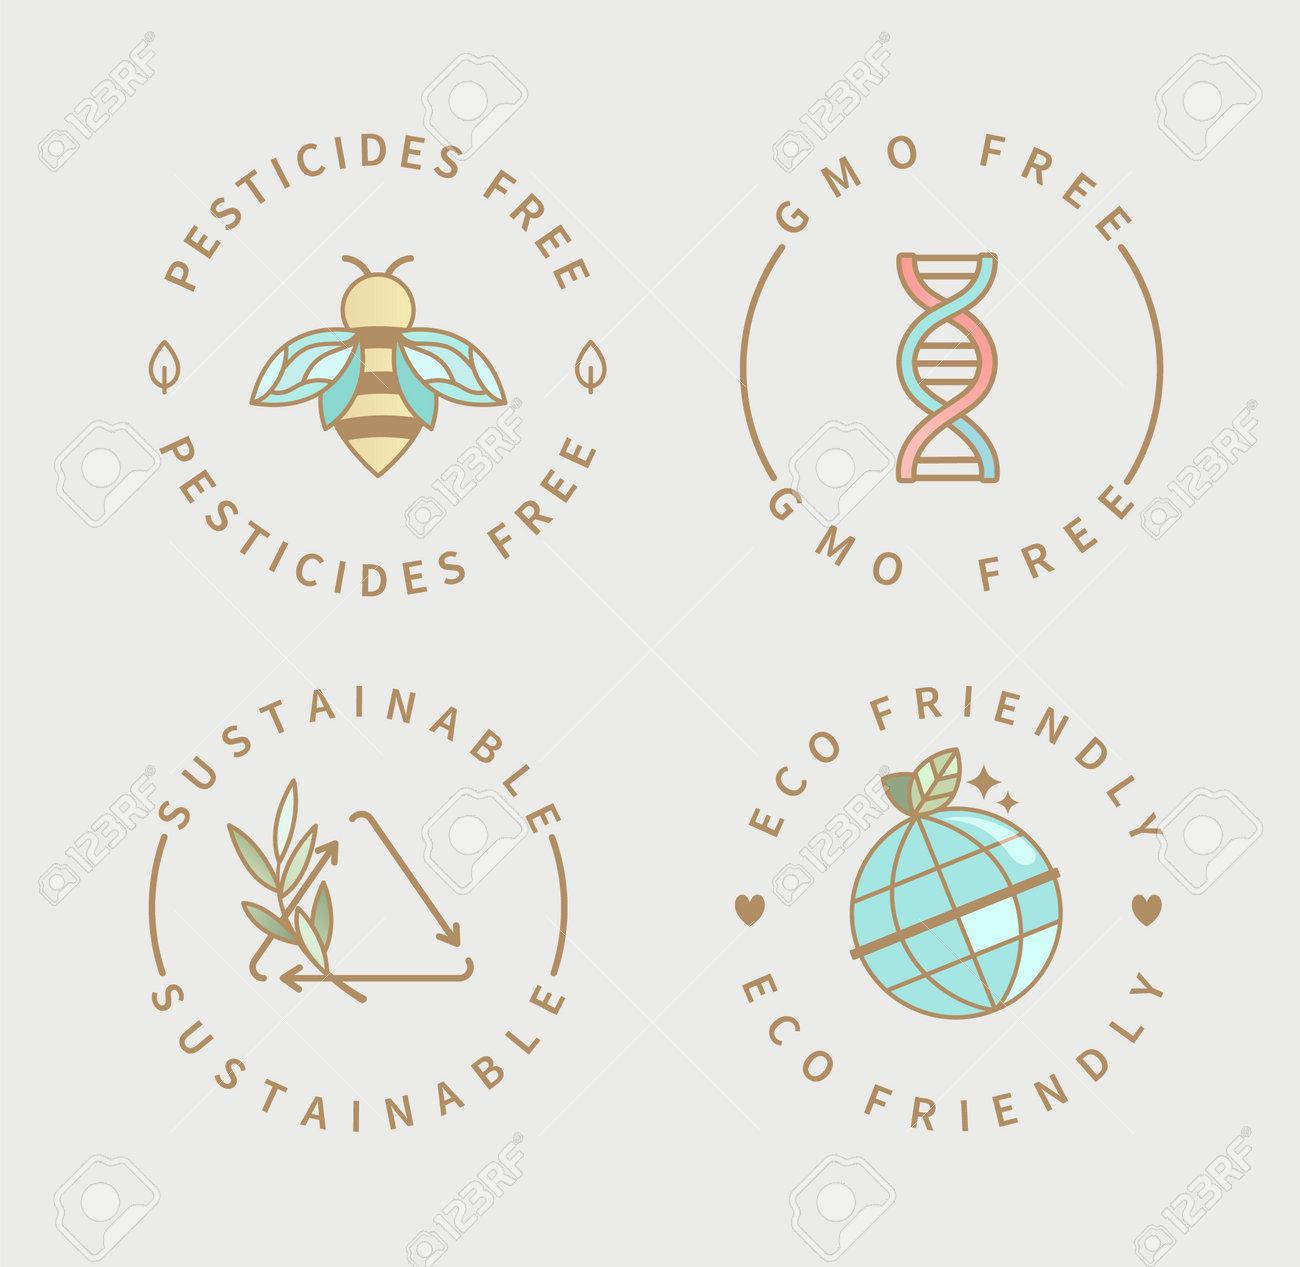 Pesticides,gmo free, sustainable,eco product logo. - 173222556